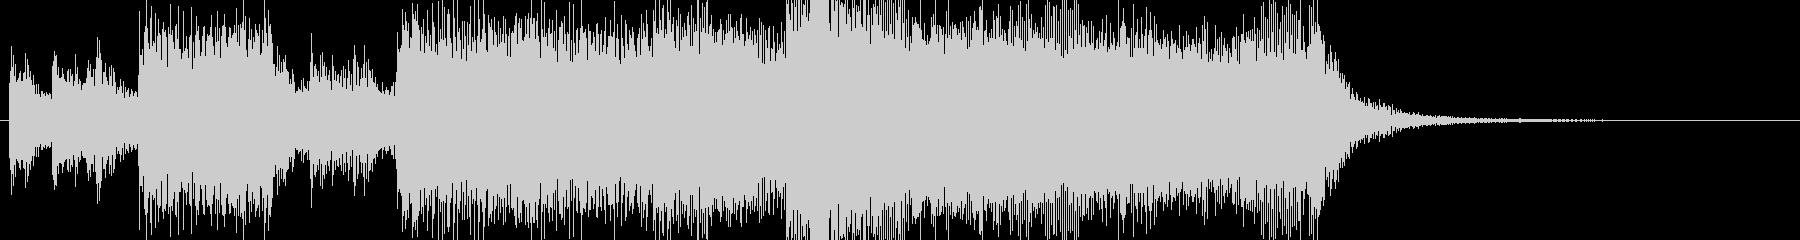 表彰オーケストラファンファーレBGMの未再生の波形